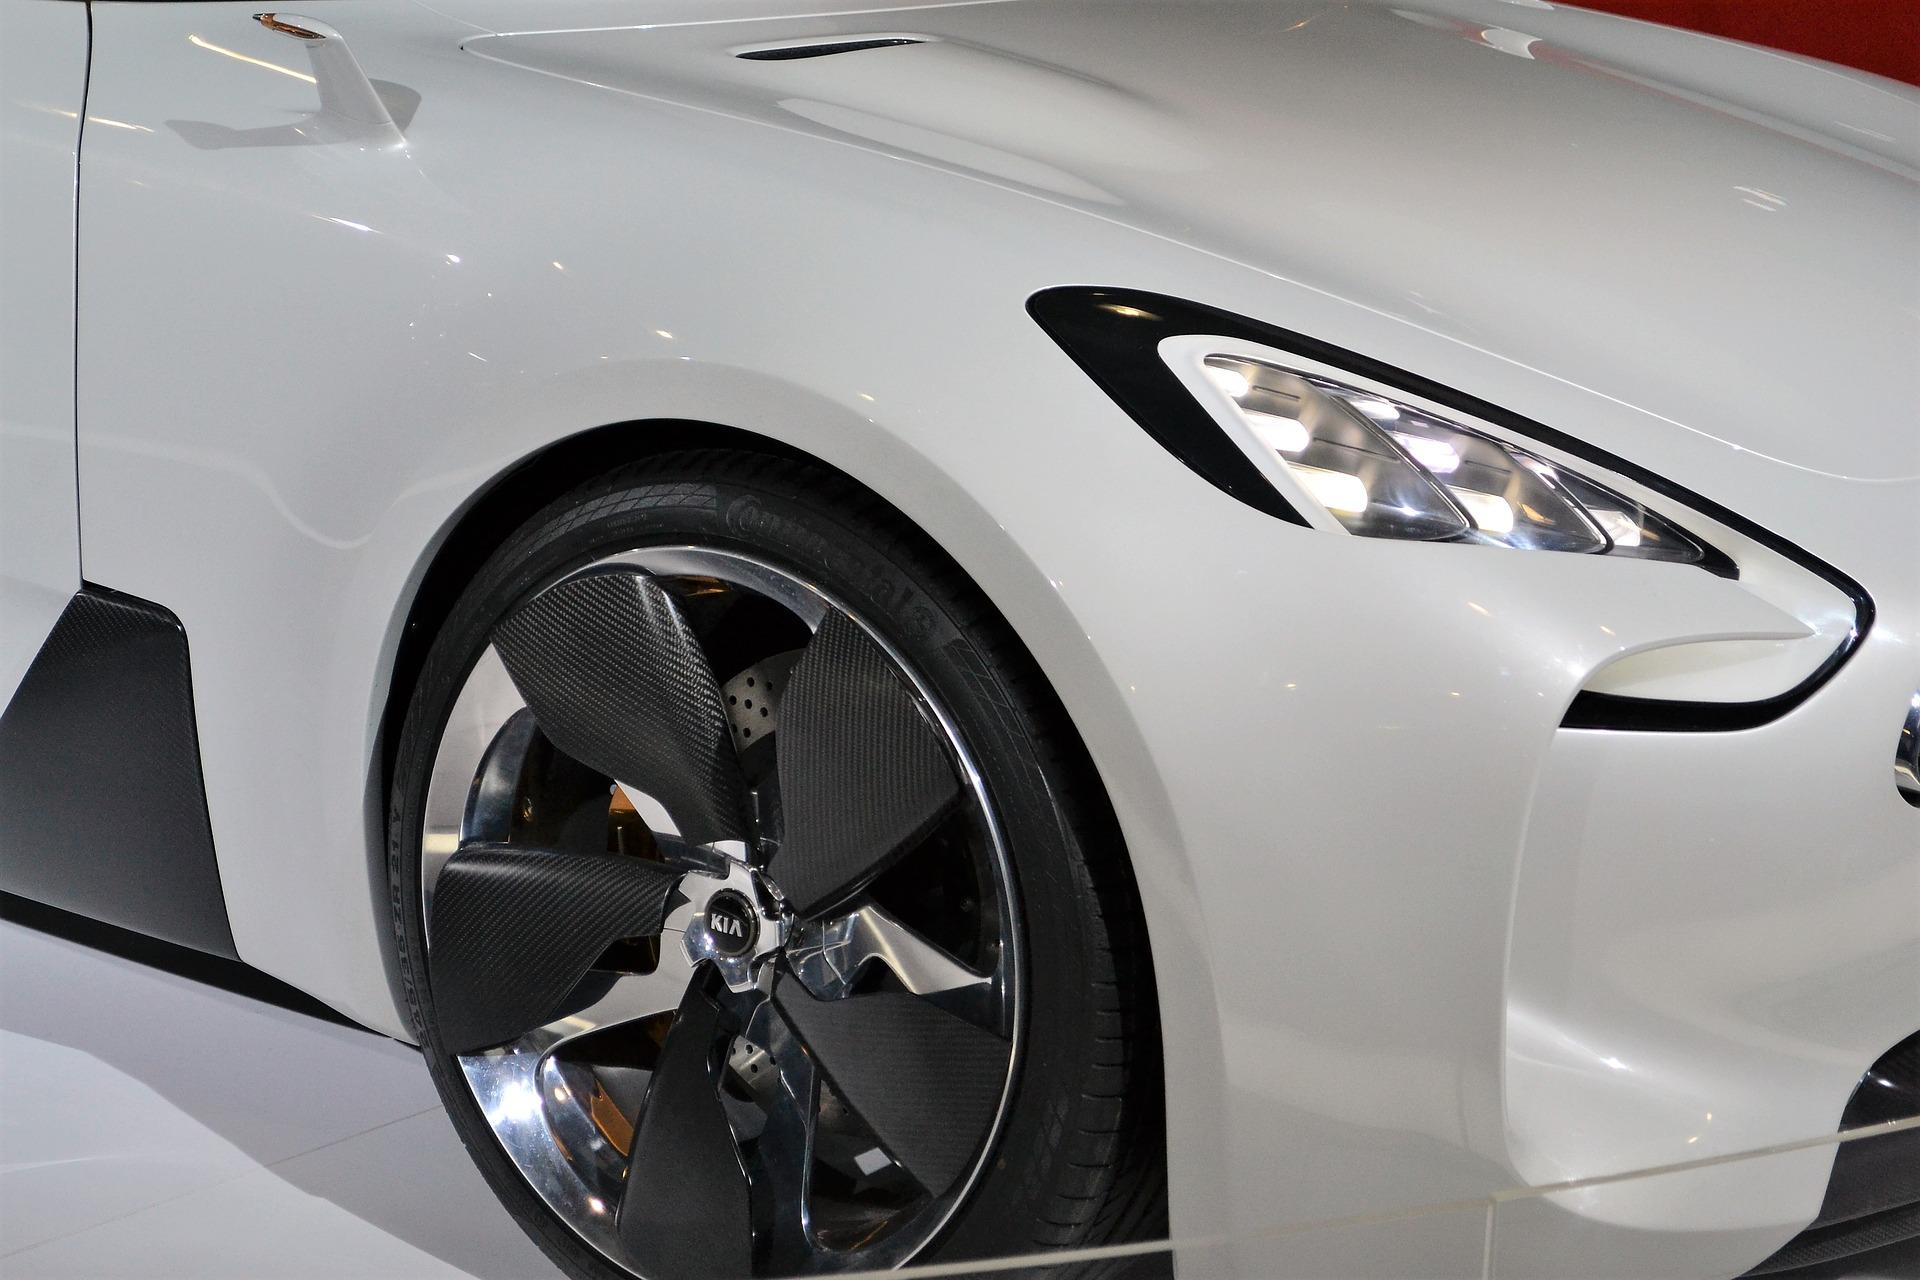 Contacter Nouveau modèle en vue chez Kia, le nouveau Kia E-Niro par appel